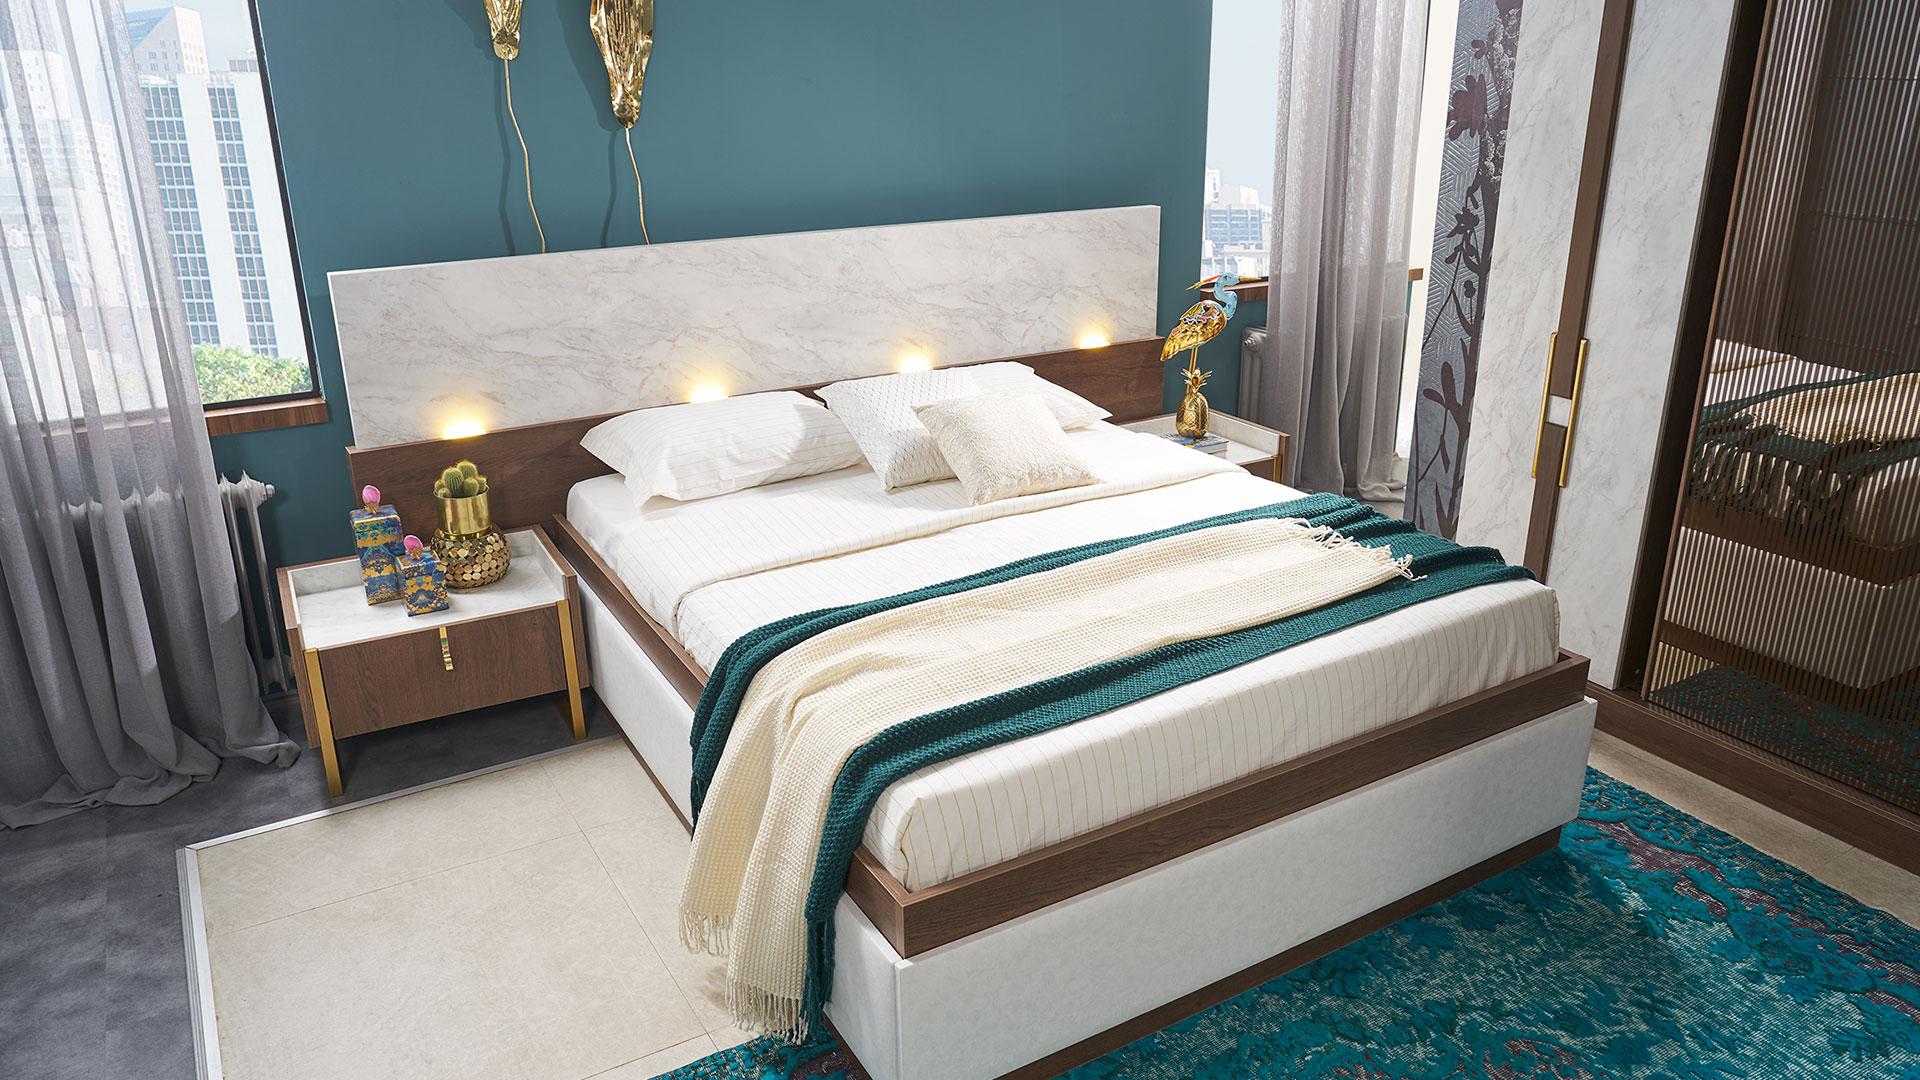 سرير مودرن و 2 كومودينو باللون الابيض